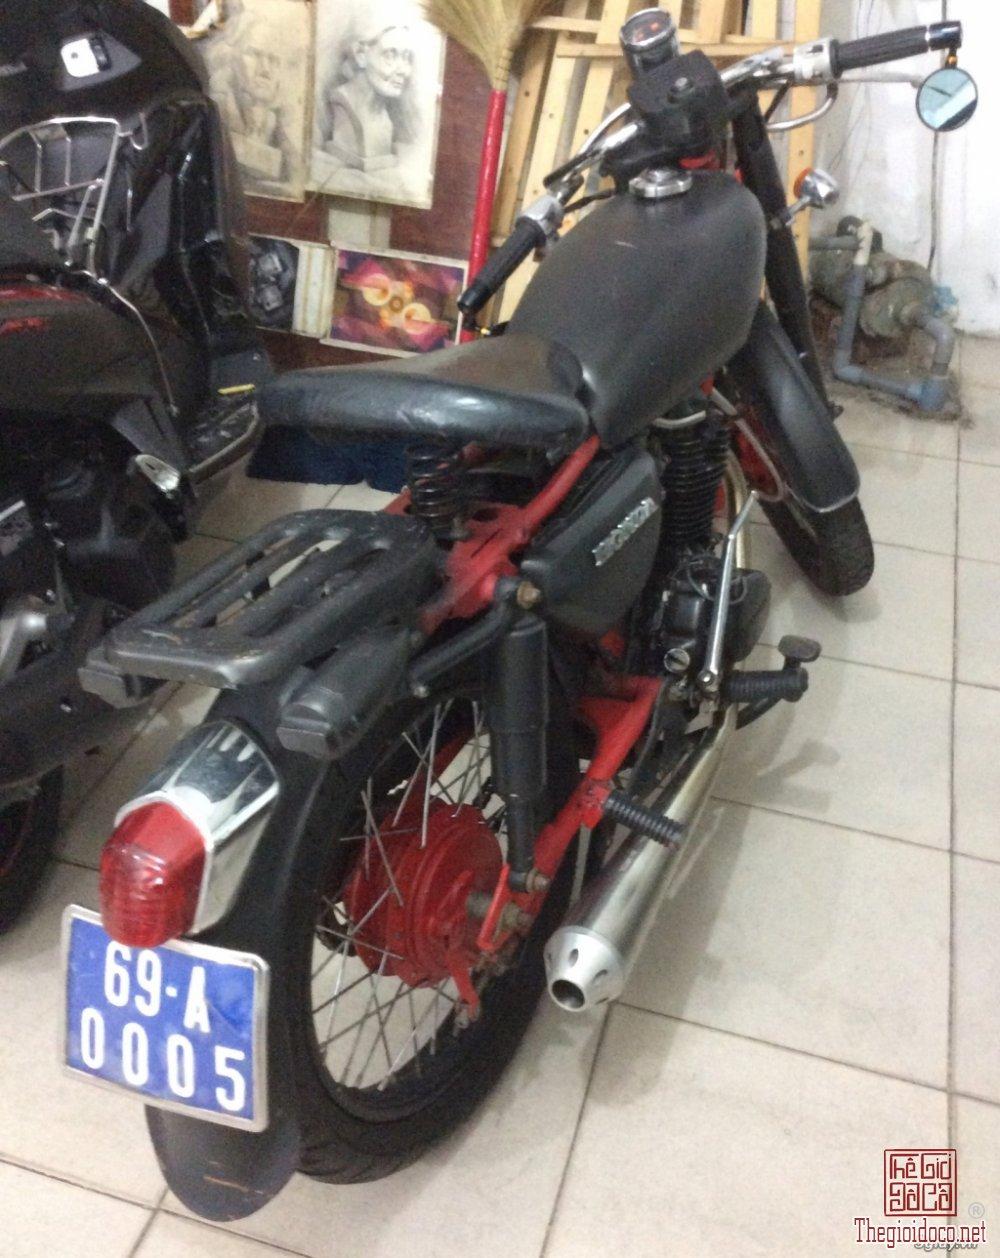 TMX 155cc (3).JPG